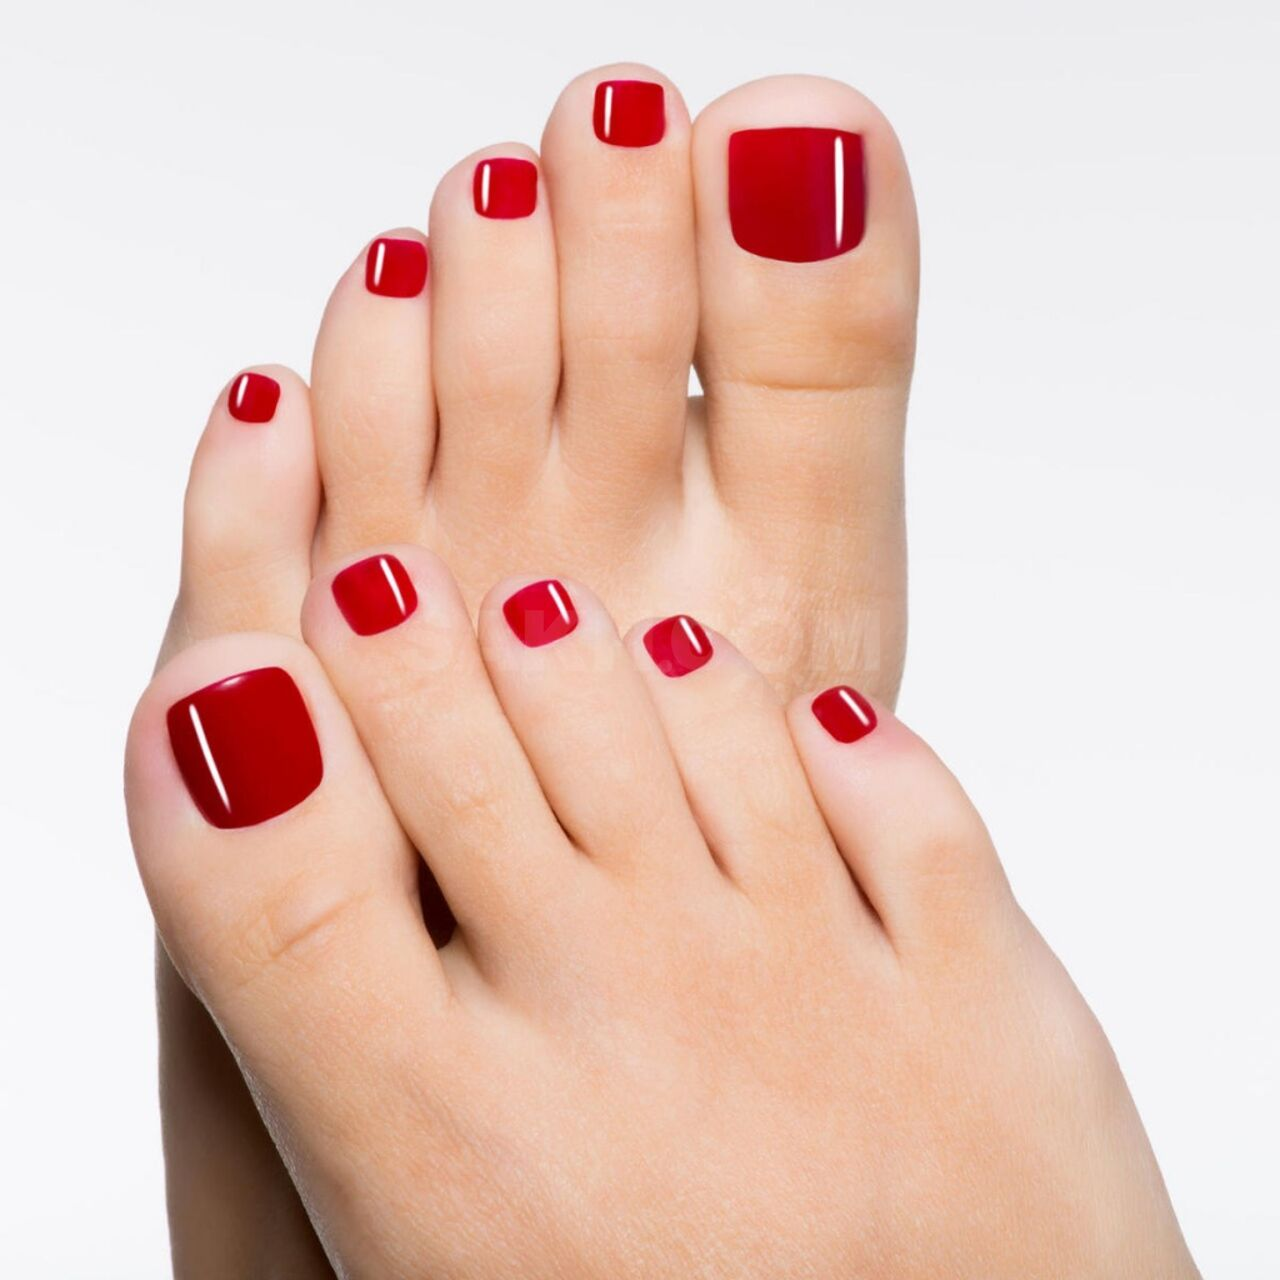 Пальчики на ножках женщин фото порно онлайн секс